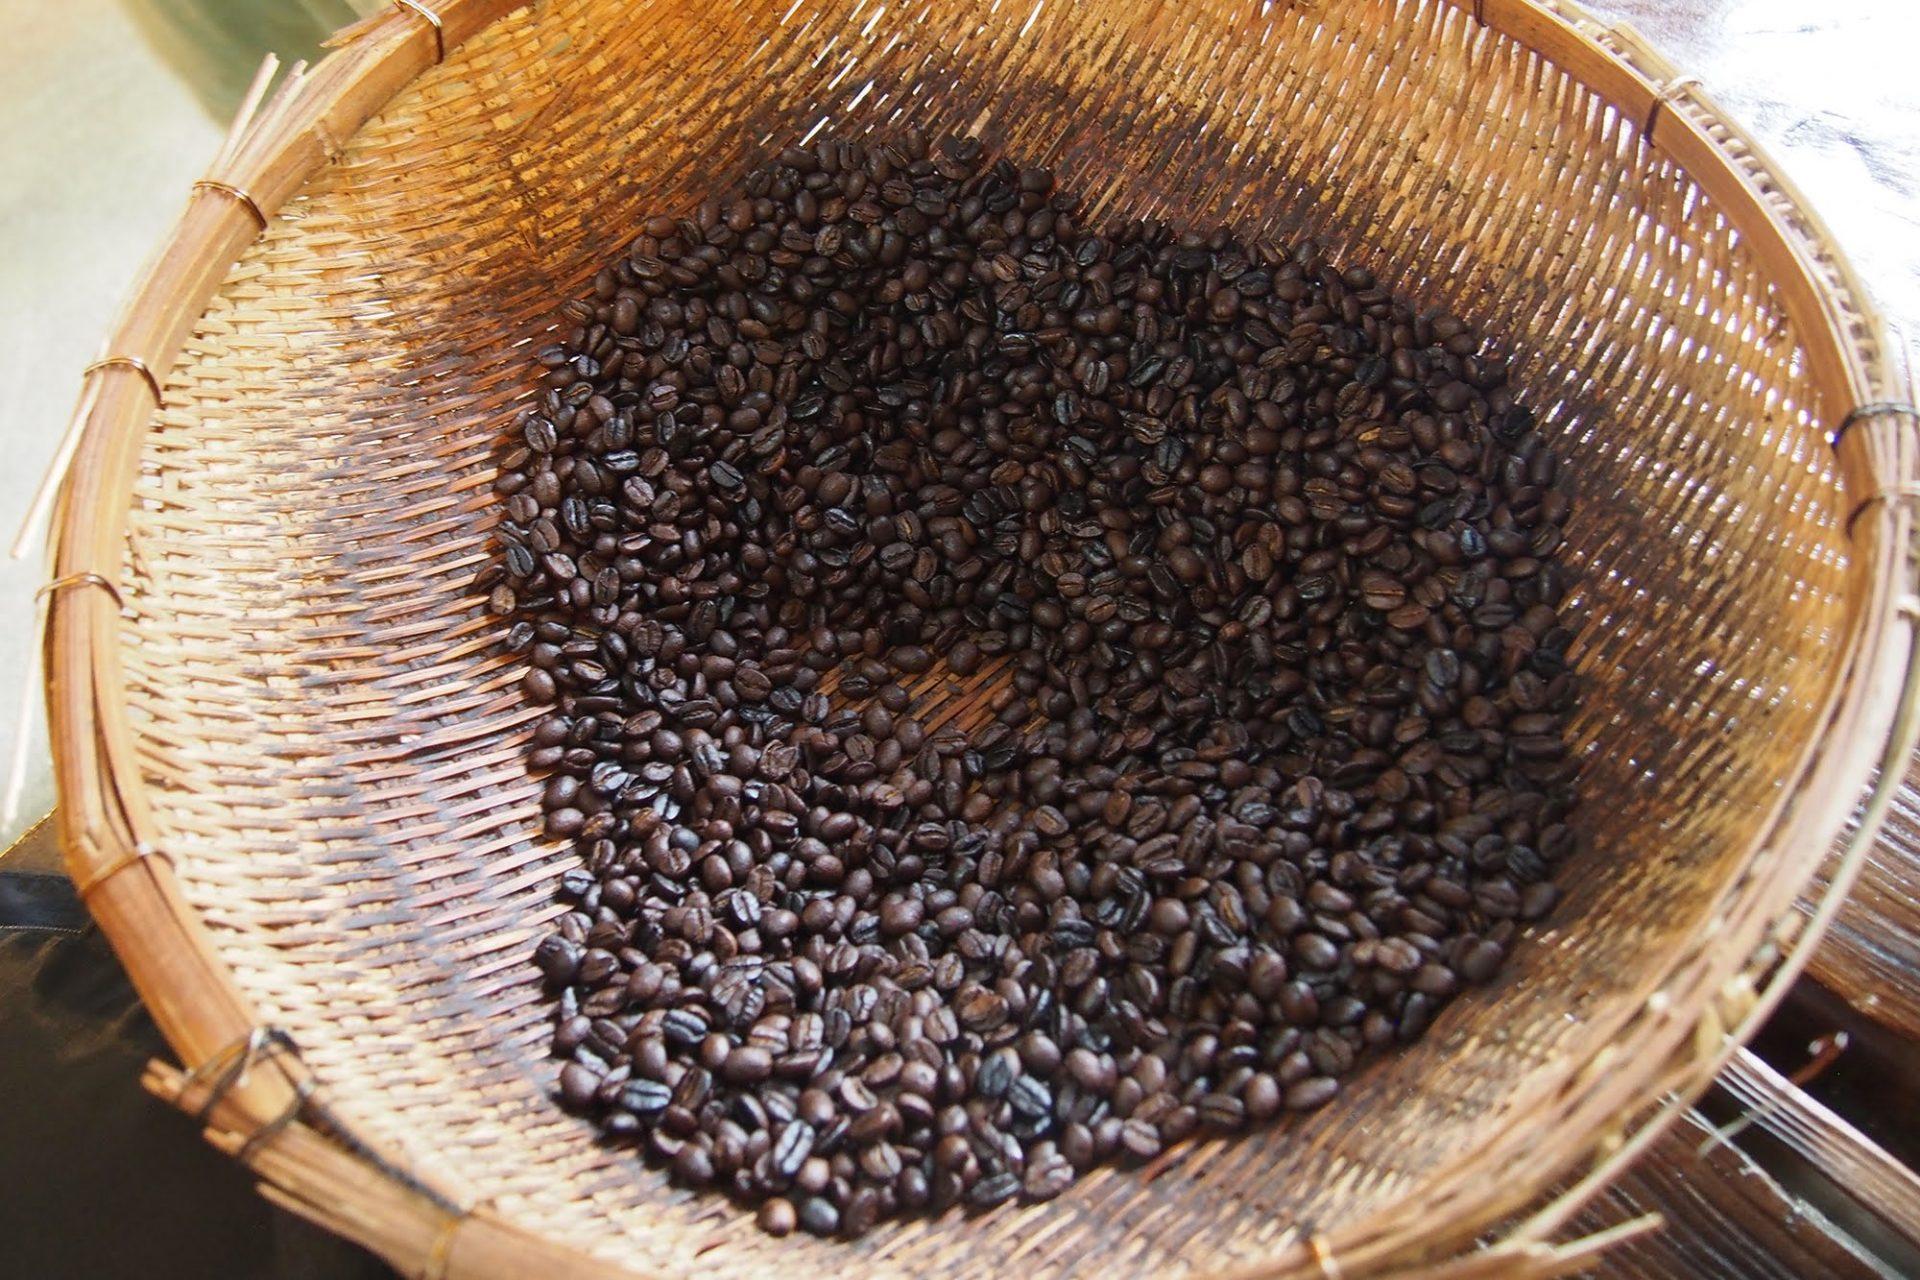 コーヒー豆 やちむん喫茶 シーサー園 コーヒー 湧き水